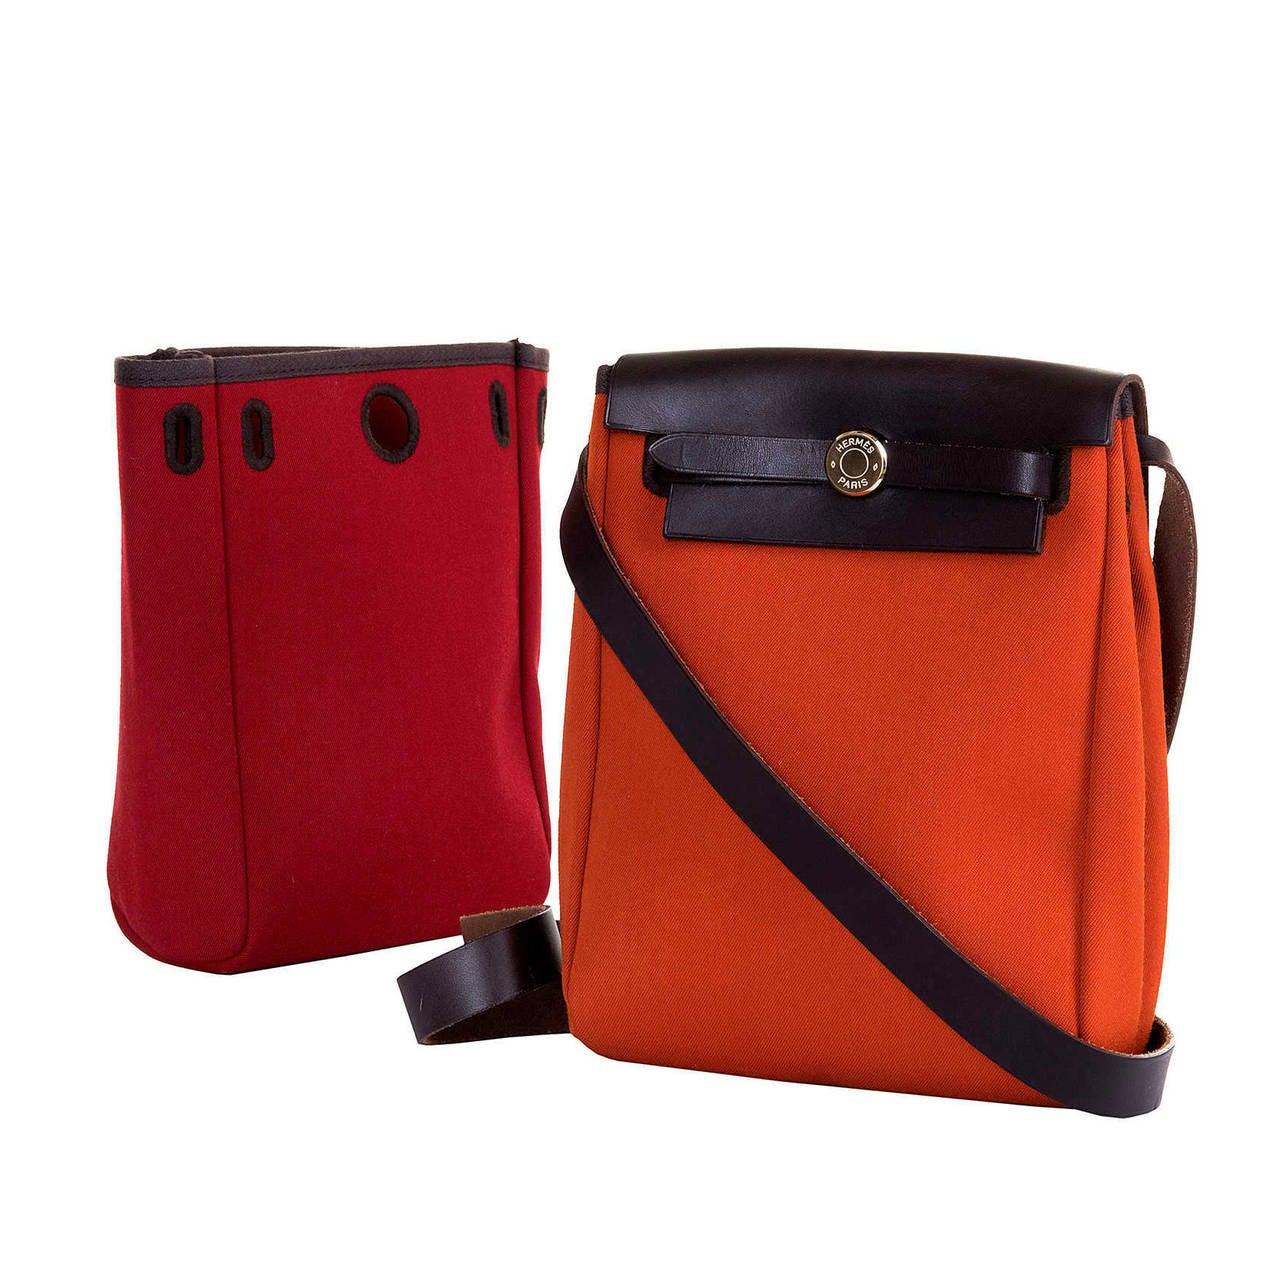 hermes hermes toile shoulder bag orange and red